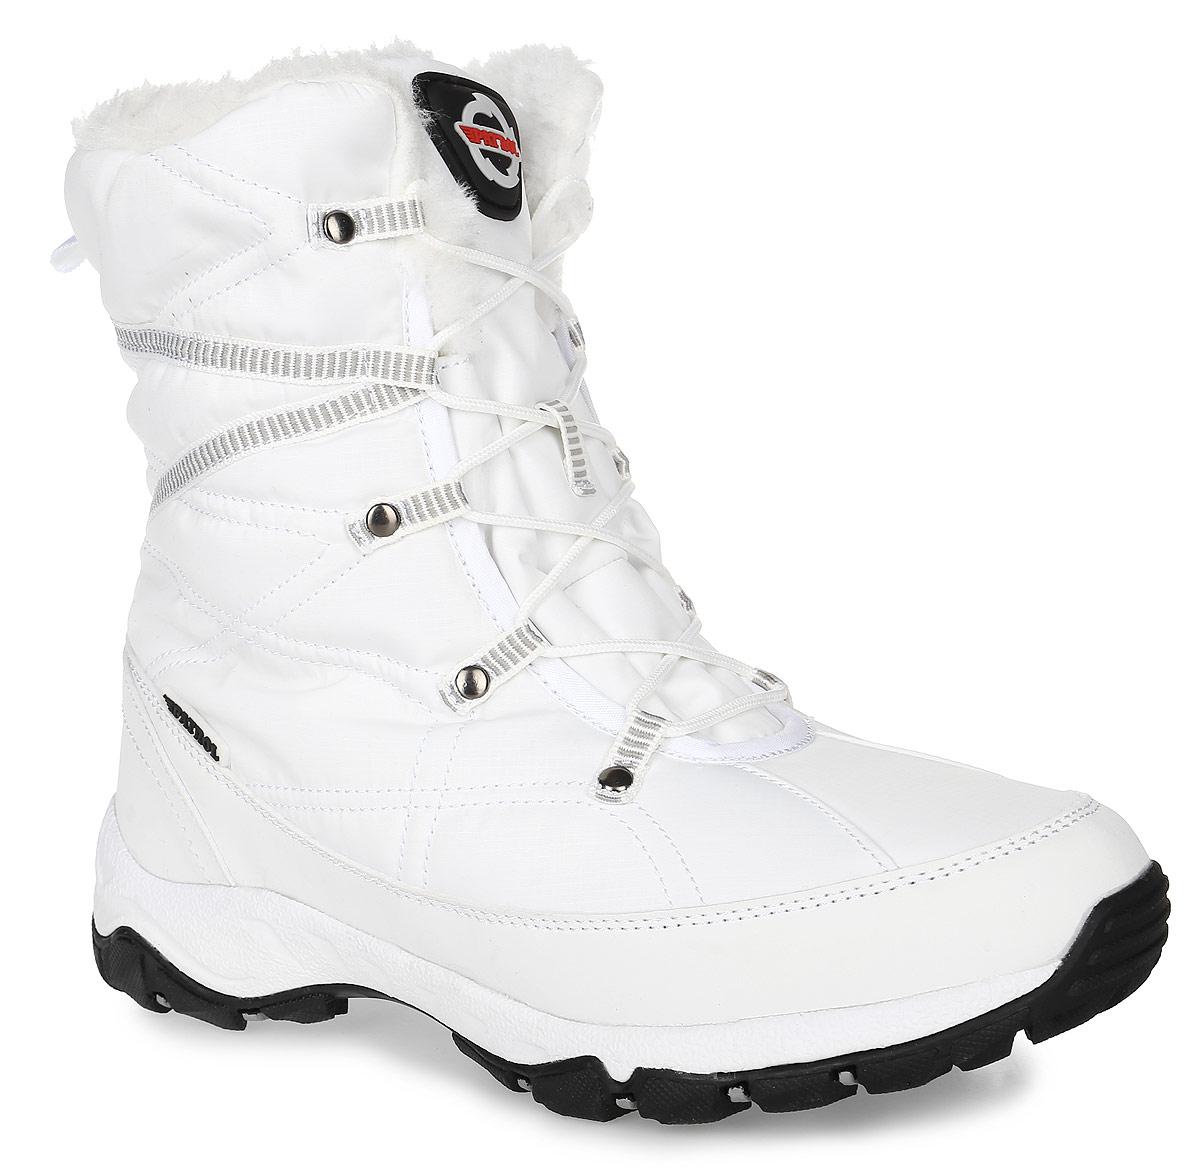 232-028IM-17w-8/01-1Женские ботинки от Patrol прекрасно подойдут для активного отдыха и пеших прогулок. Модель выполнена из комбинации высококачественного текстиля и искусственной кожи. Подкладка, исполненная из искусственного меха, сохранит ваши ноги в тепле. Съемная стелька EVA с поверхностью из искусственного меха обеспечивает отличную амортизацию и максимальный комфорт. Шнуровка позволяет оптимально зафиксировать модель на ноге. Подошва с протектором гарантирует надежное сцепление на любых поверхностях.